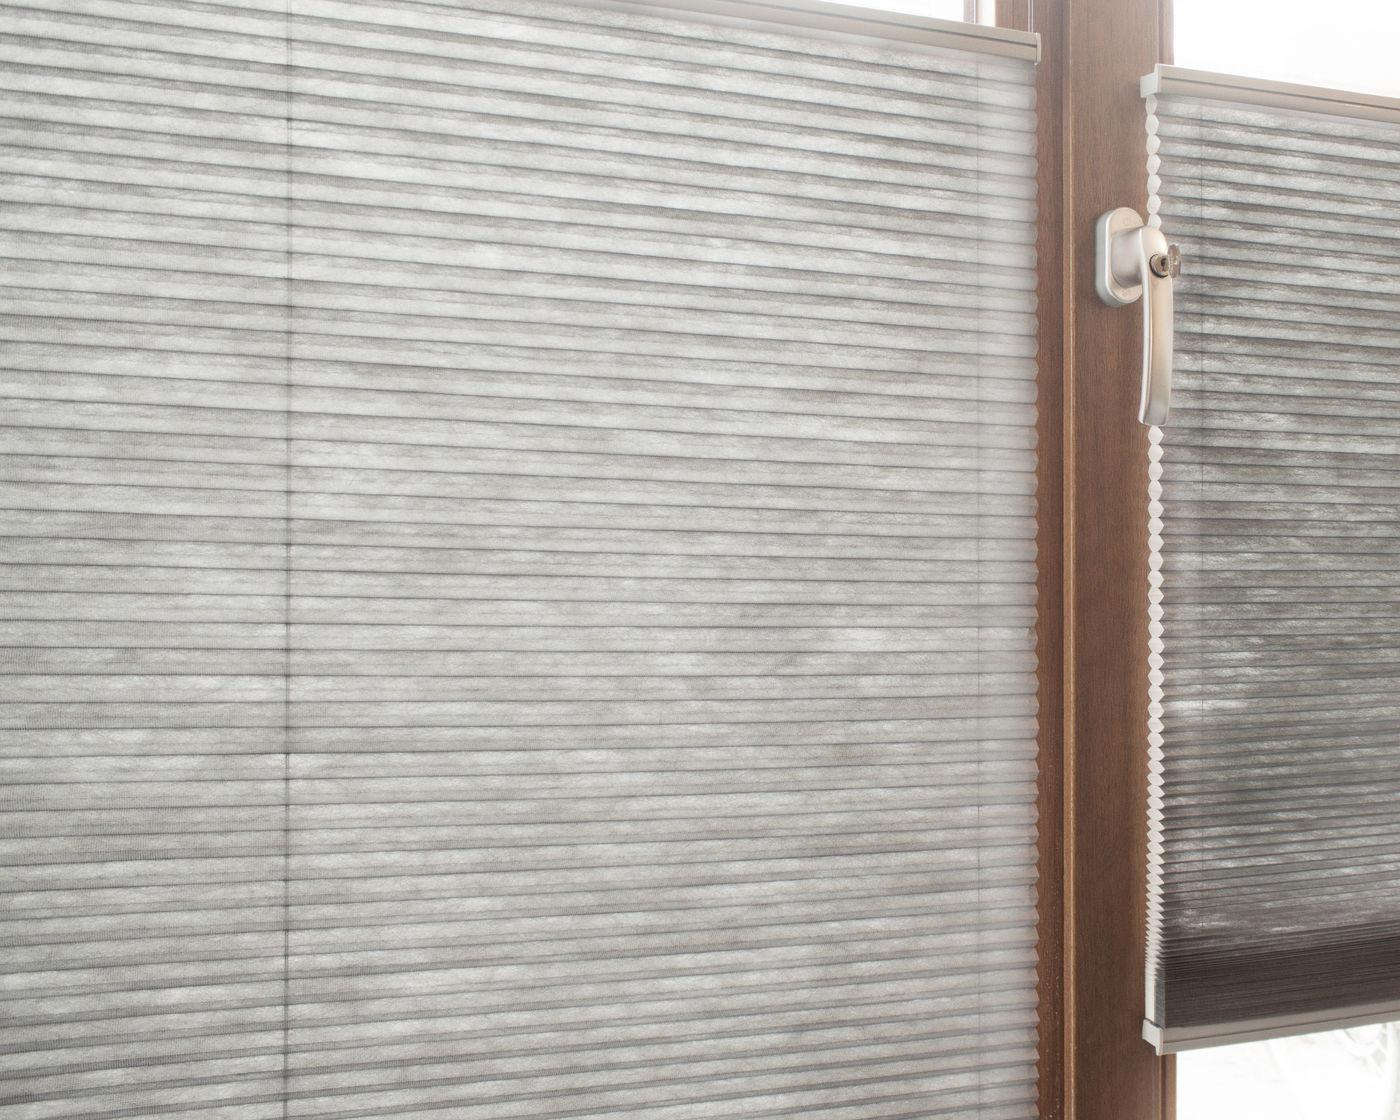 De Raamdecoratie Mogelijkheden Voor Draai Kiep Ramen Gordijnen Nl